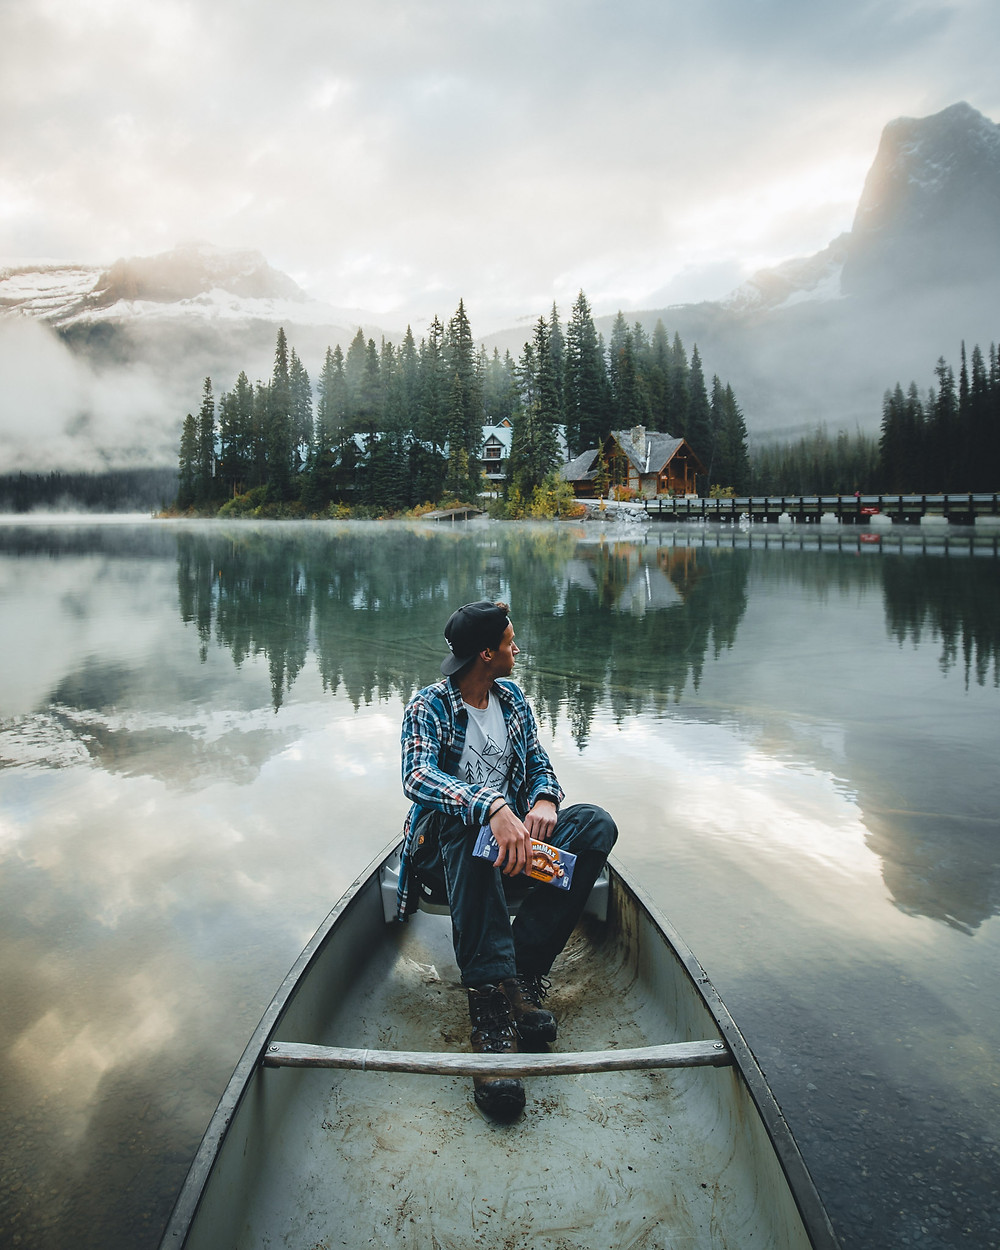 Emerald Lake, Abenteuer, Wandern, Blog, Instagram, Canada, Kanada, Route, Photography, Fotografie, Reisen